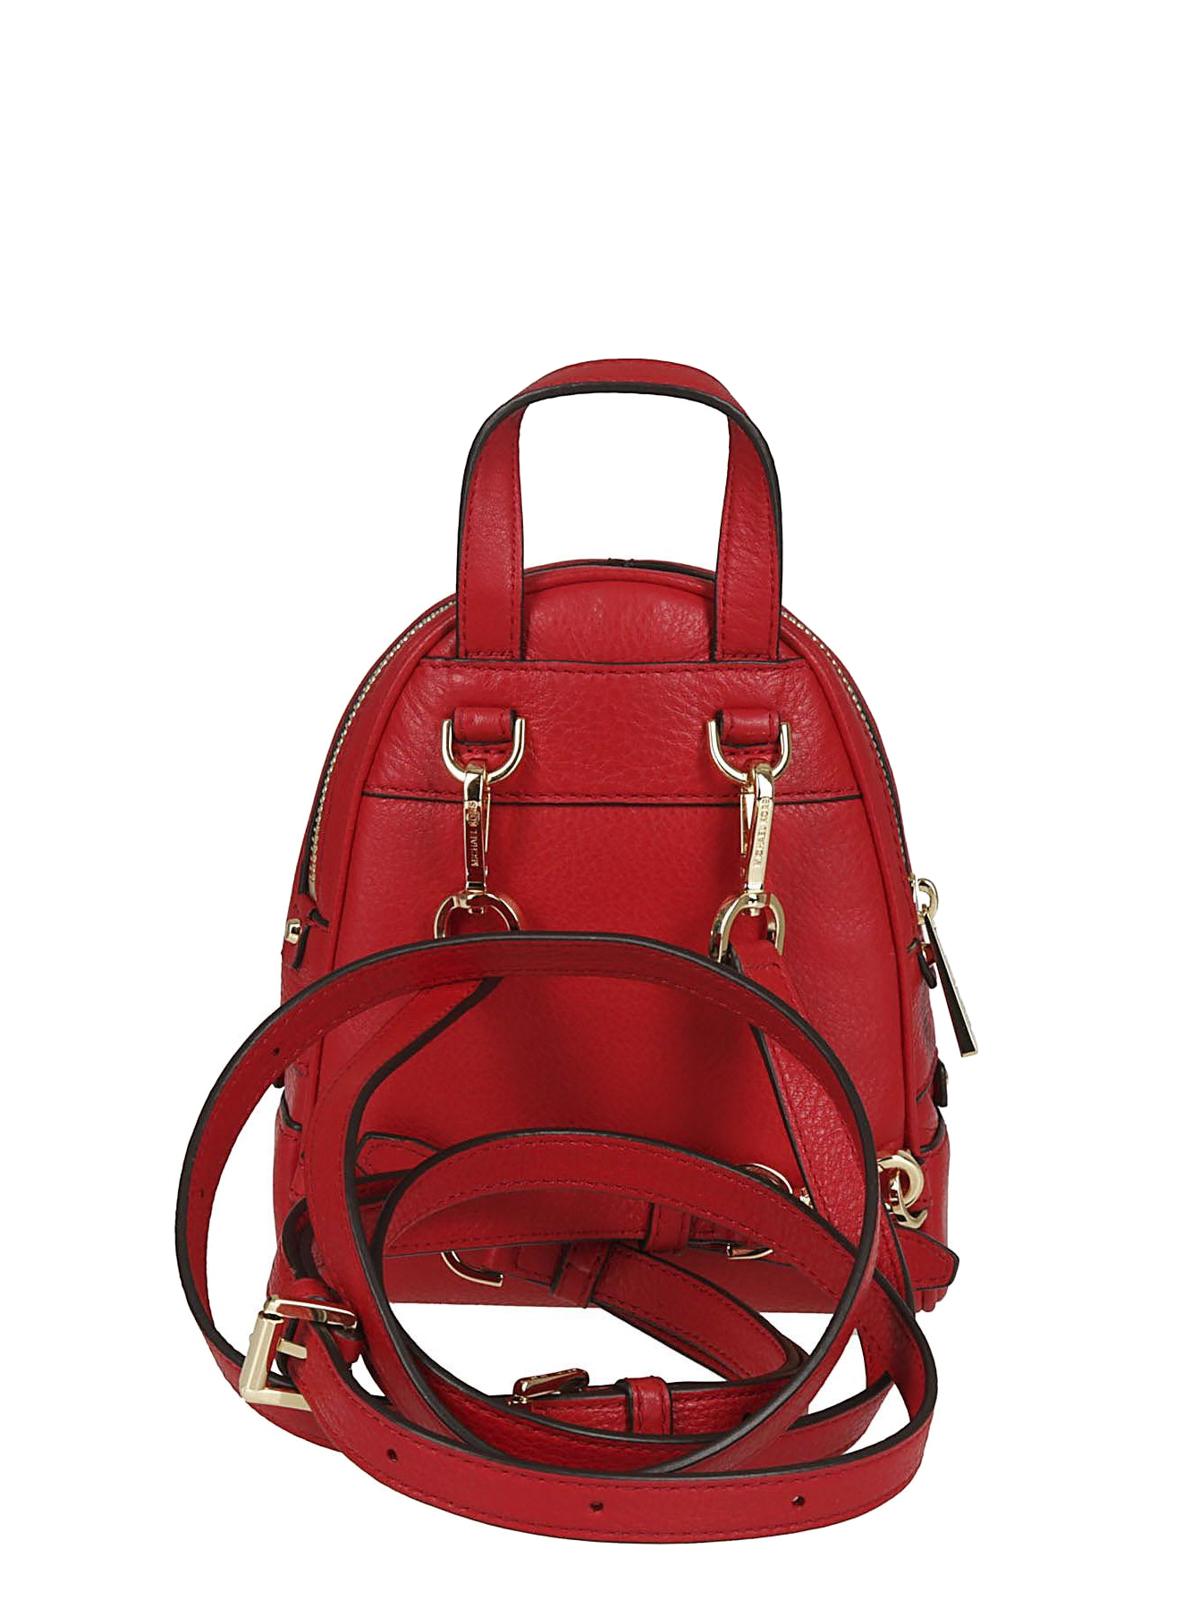 Michael Kors Rhea Mini Red Leather Backpack Backpacks